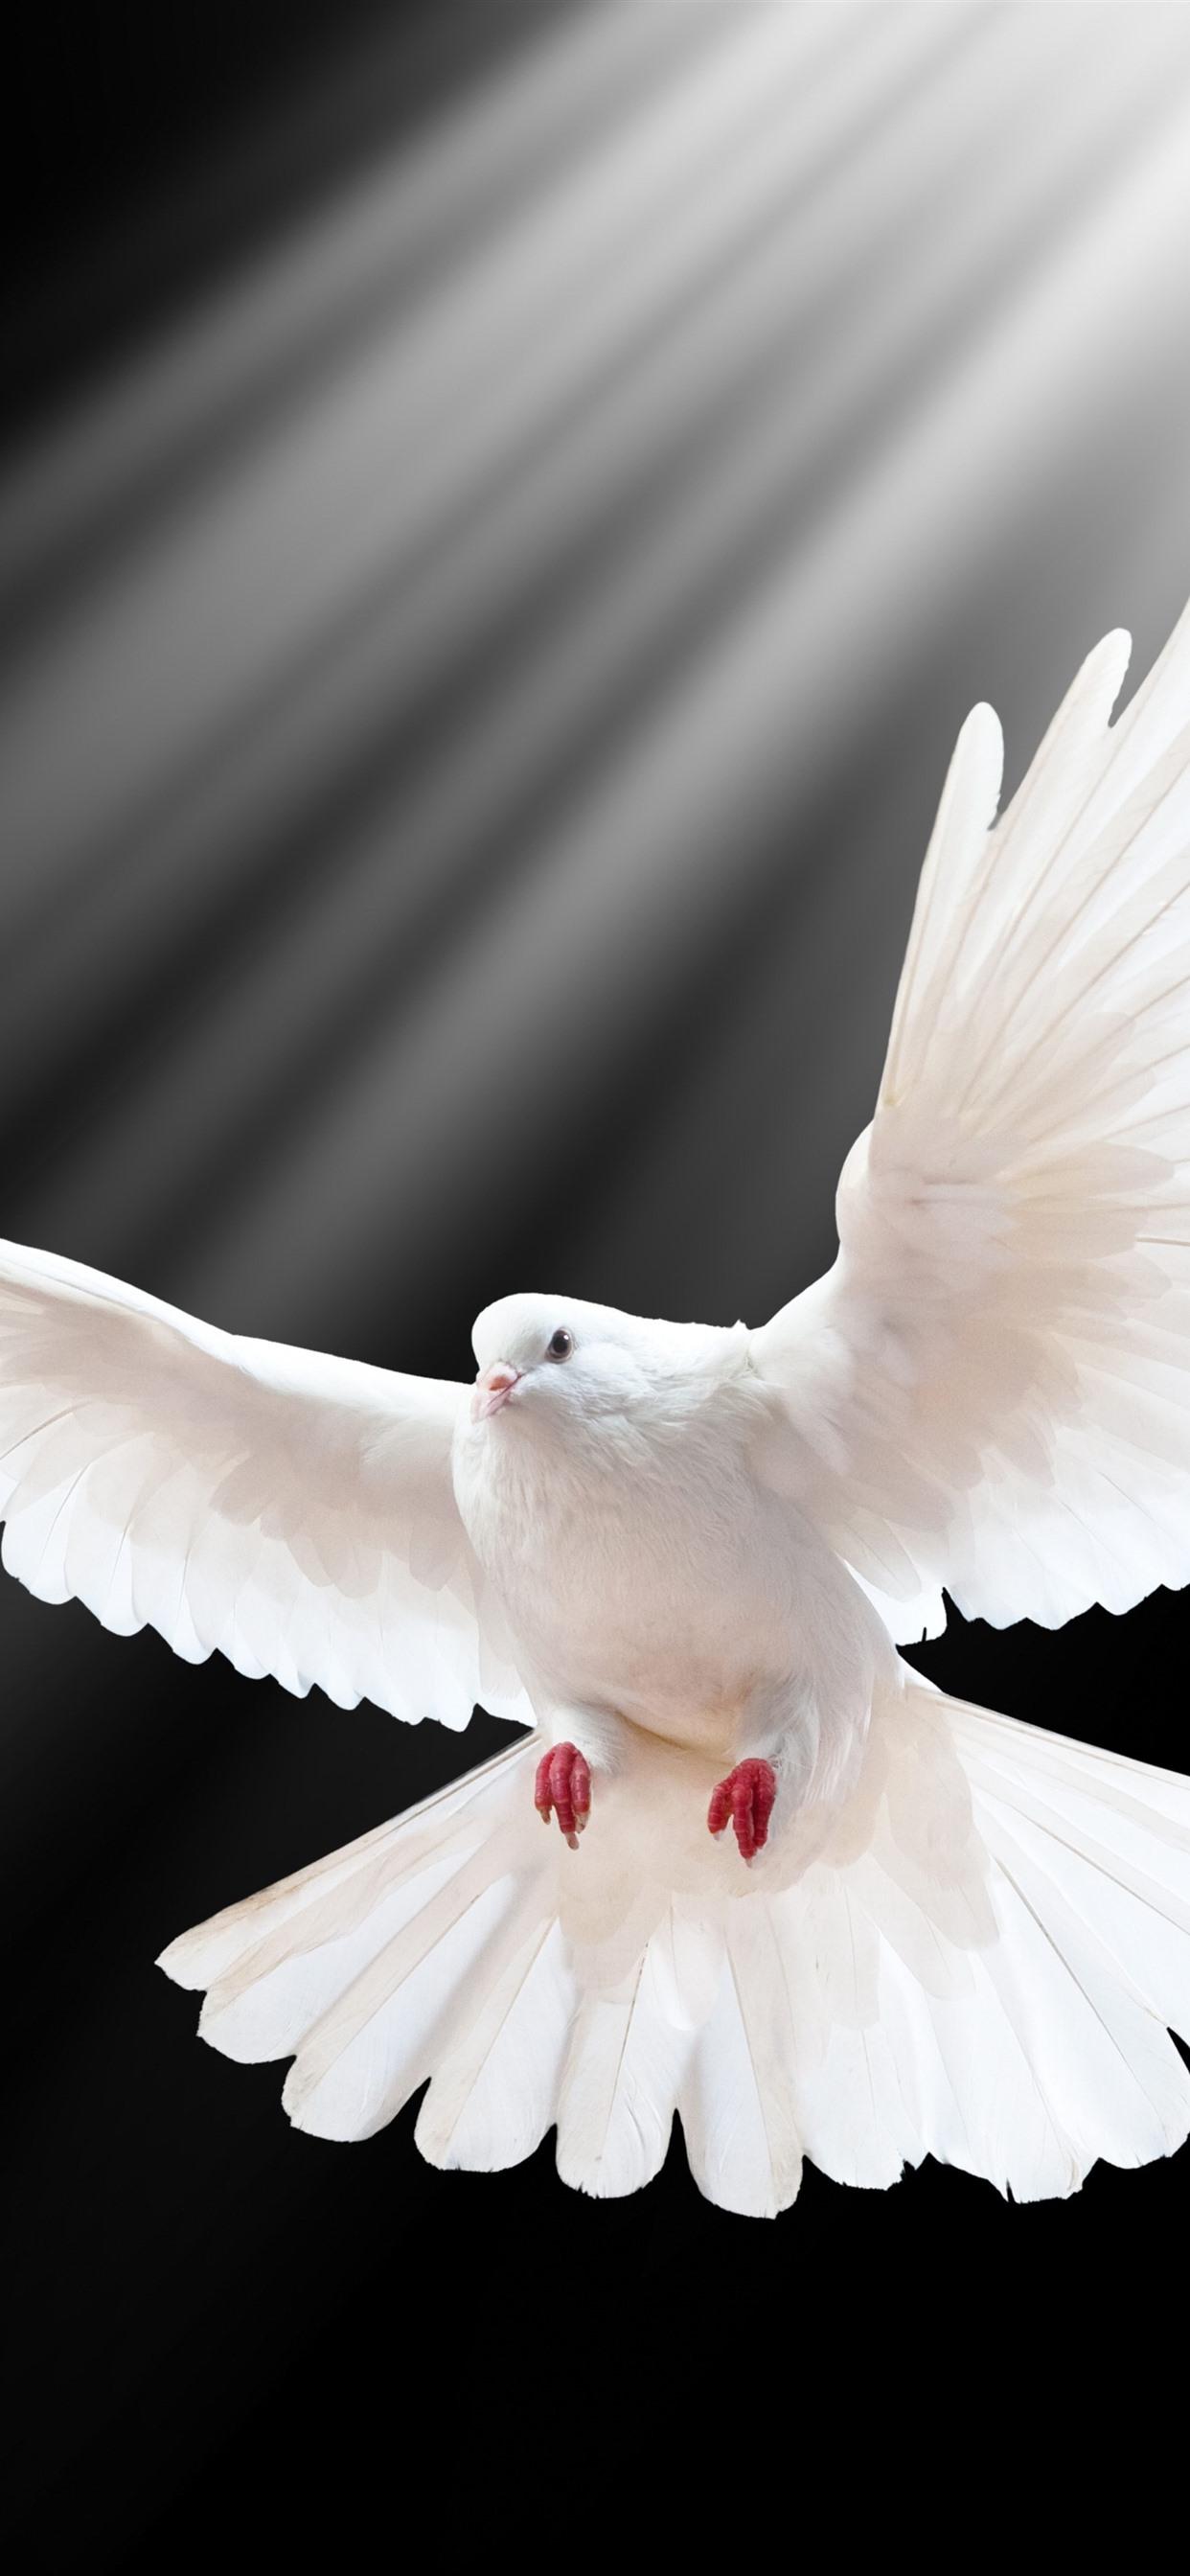 Wallpaper White Dove Flight Wings Black Background